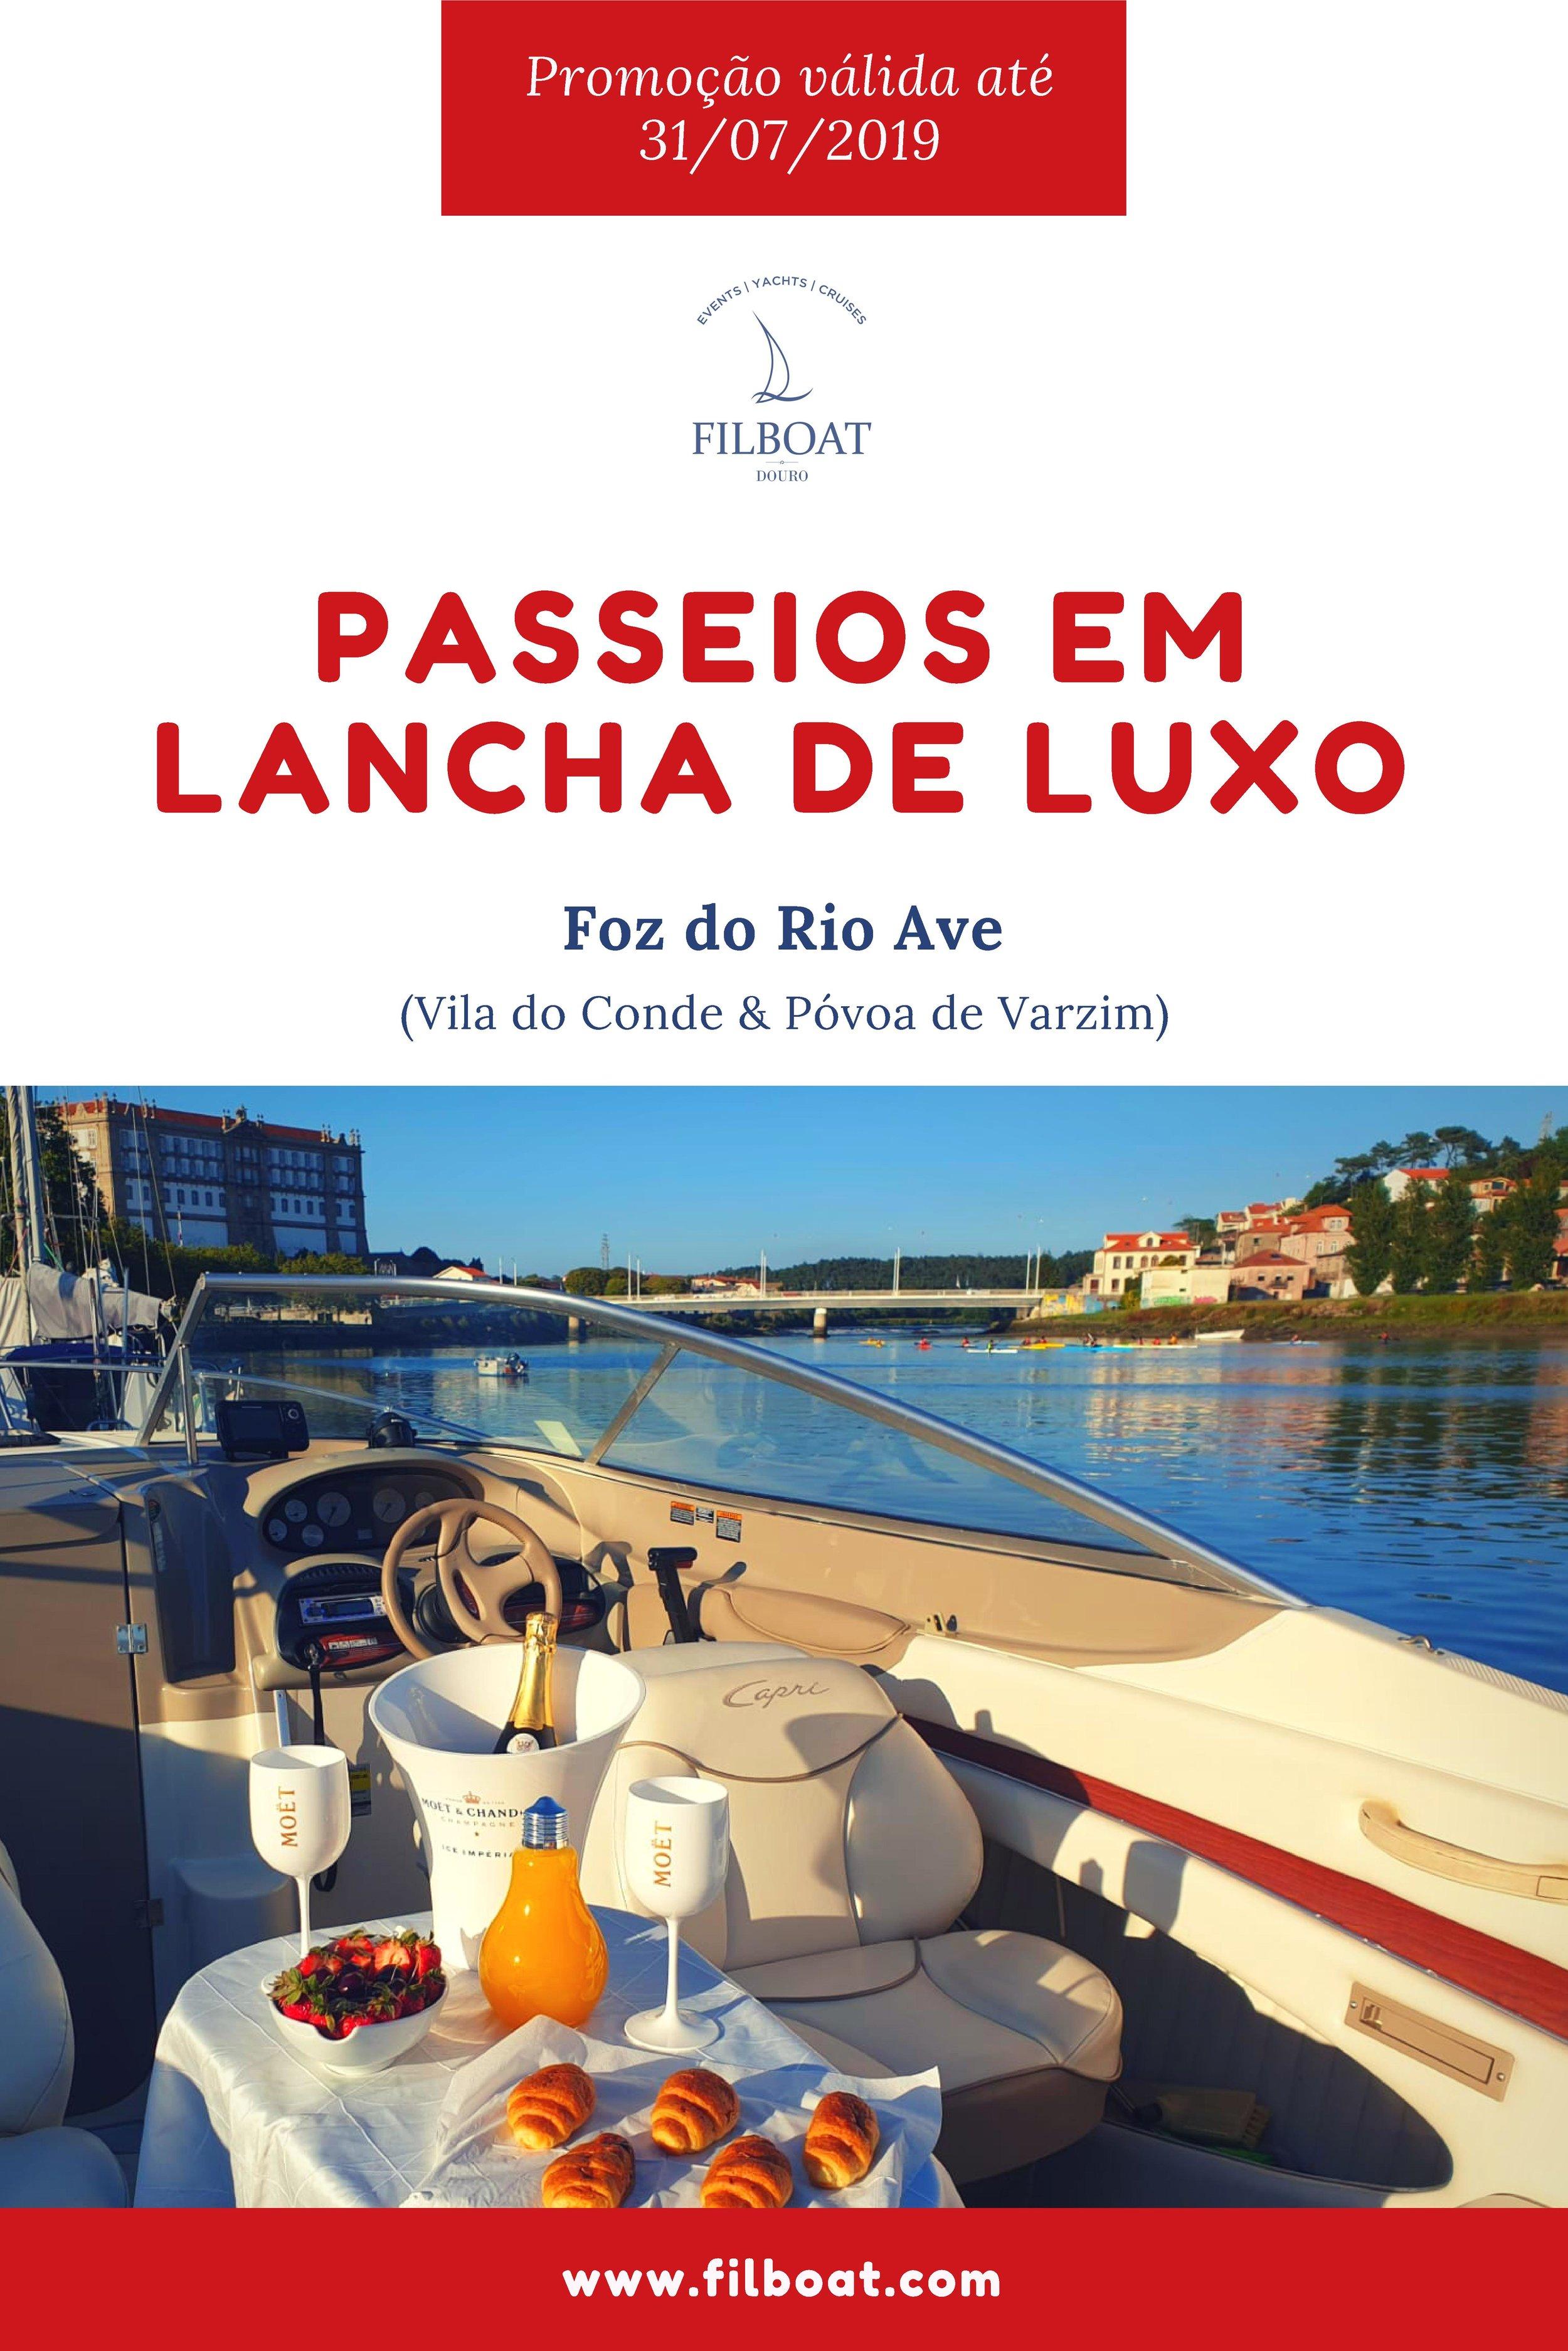 Passeio em Lancha de Luxo - Foz do Ave.jpg